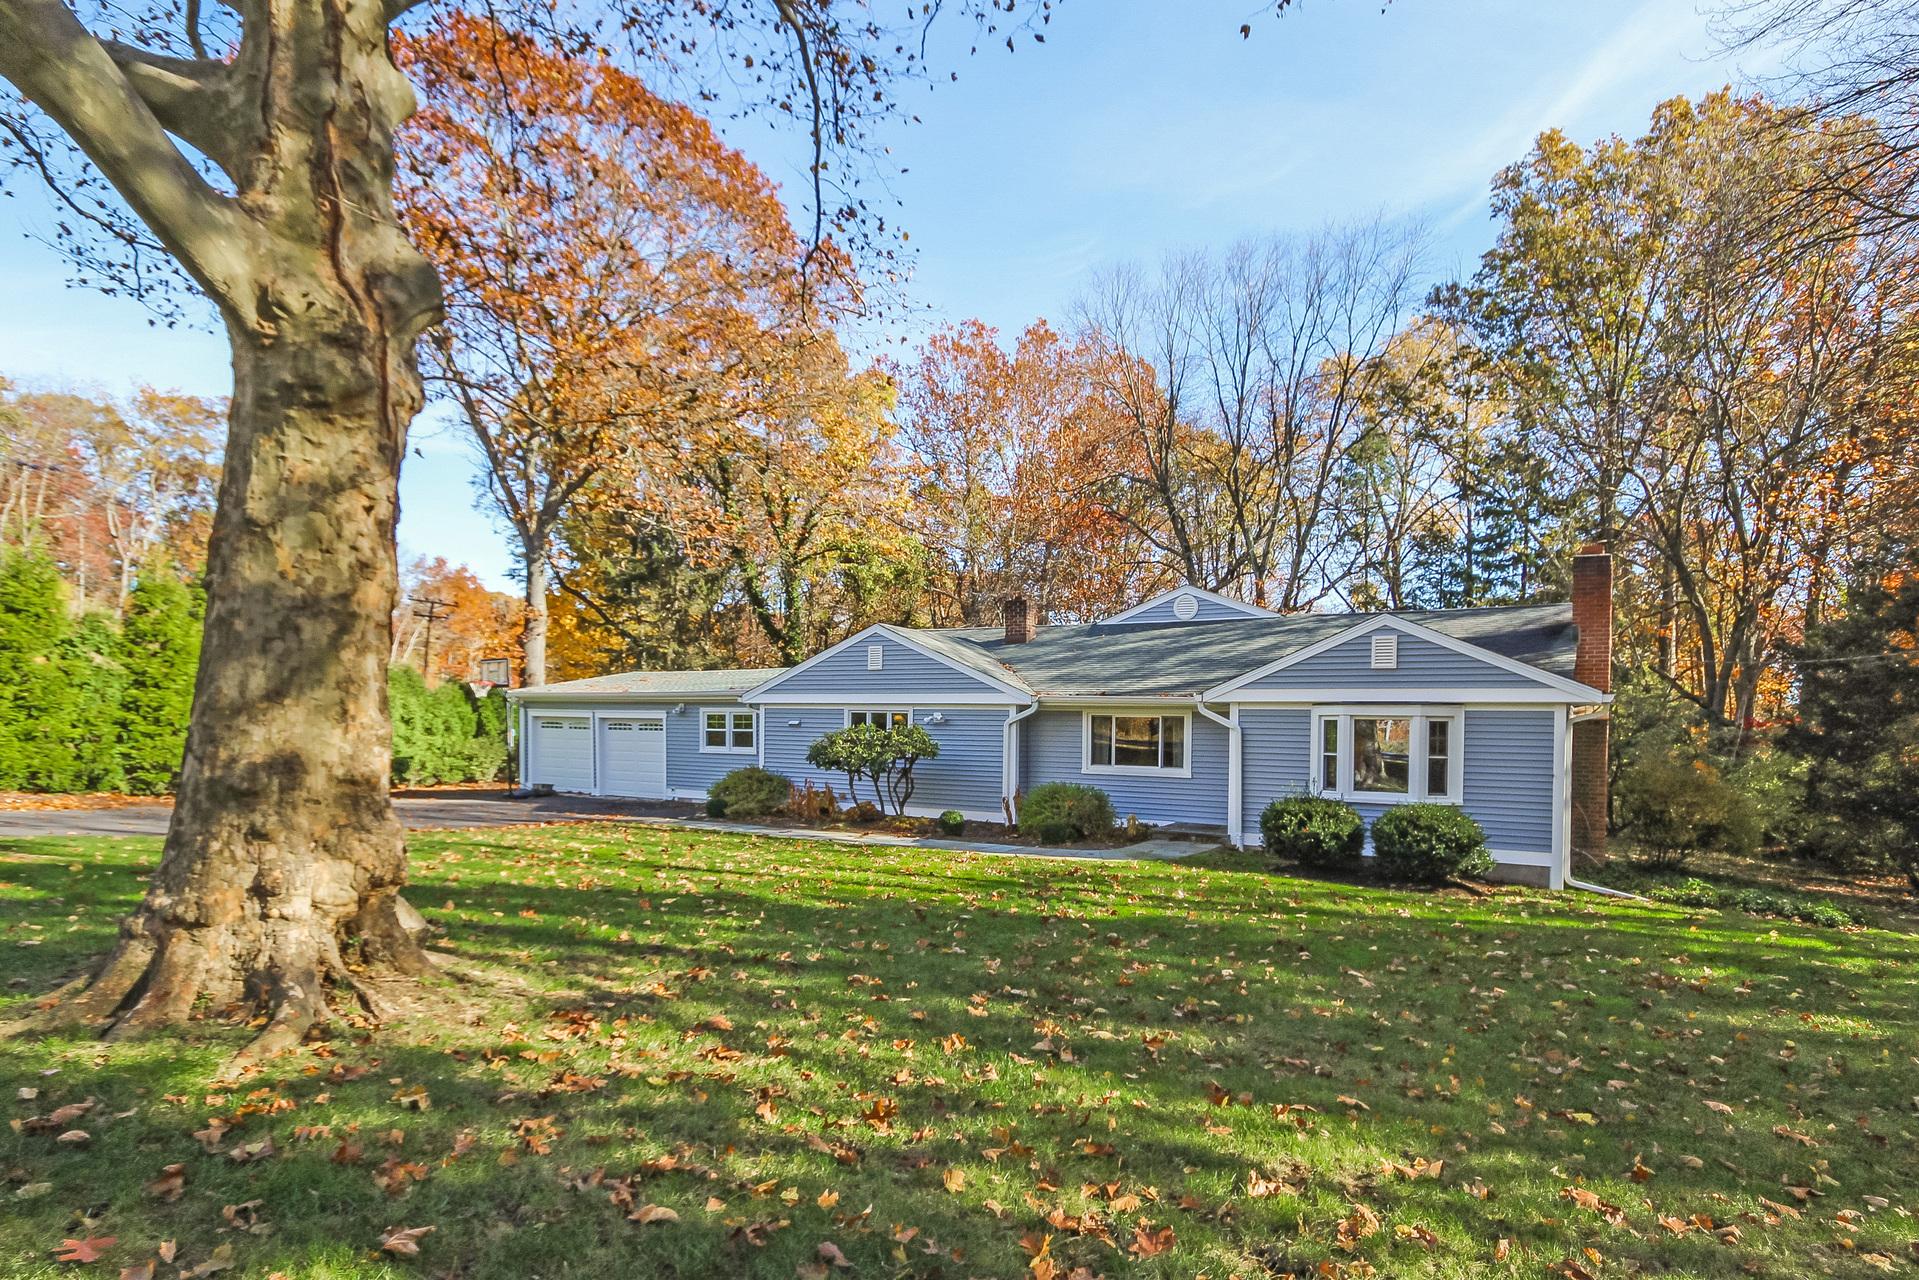 独户住宅 为 销售 在 180 West Rocks Road 诺瓦克, 康涅狄格州, 06851 美国